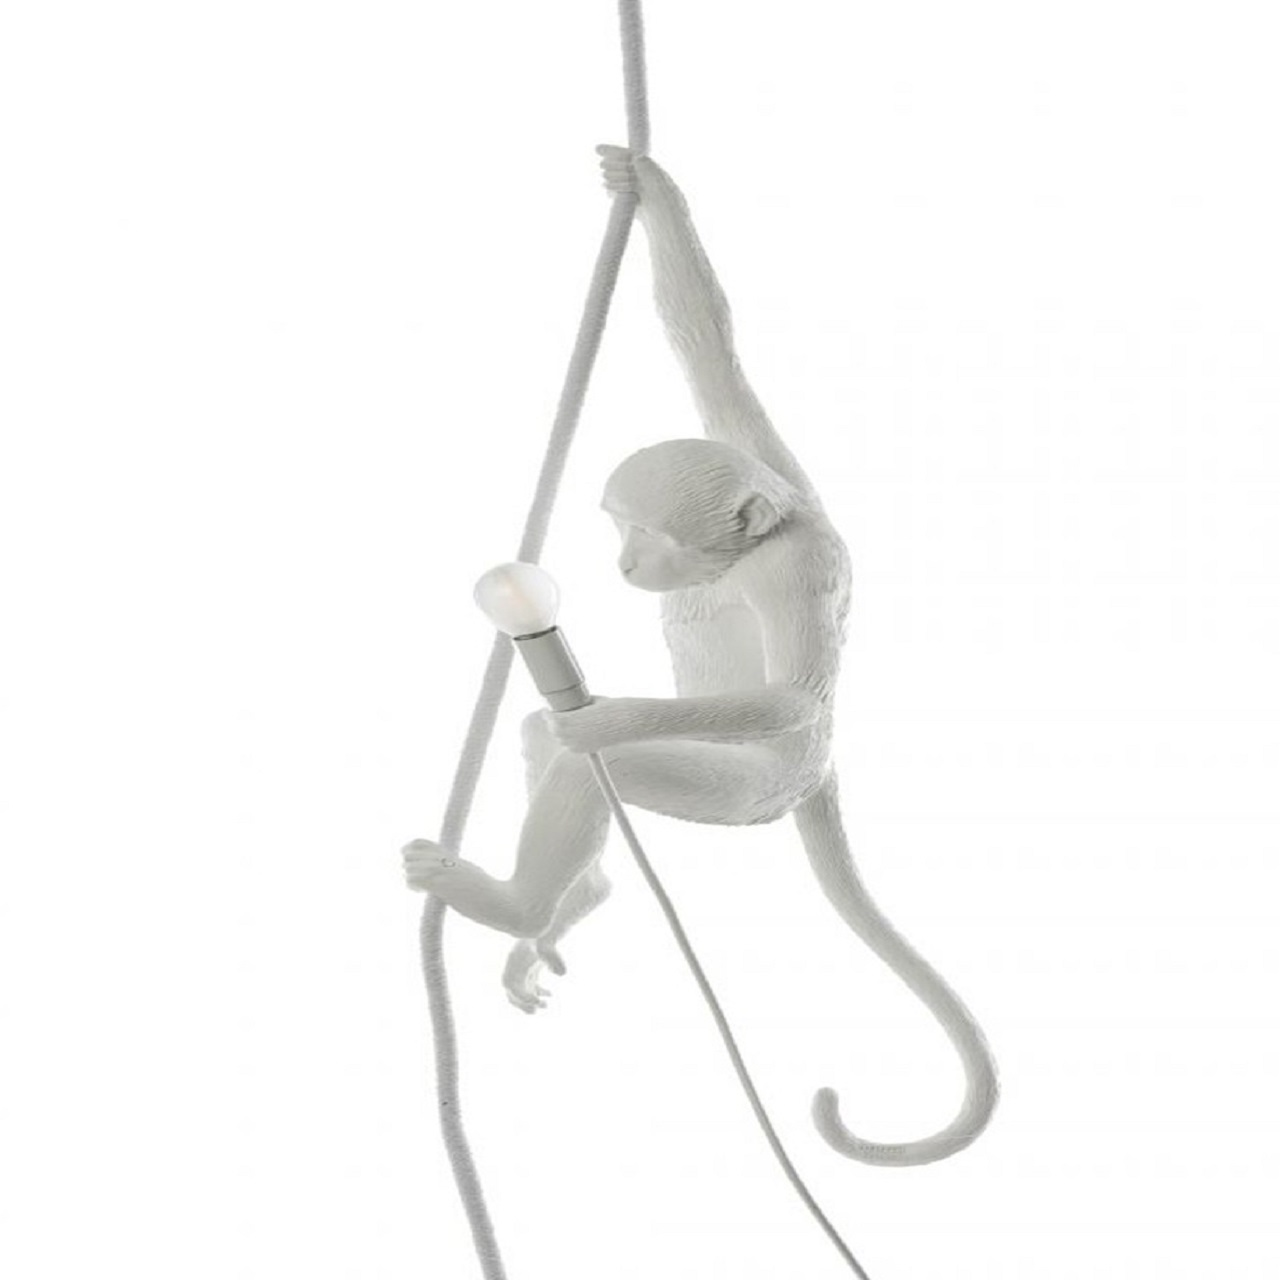 Monkey Lamp pendurado teto | Branco